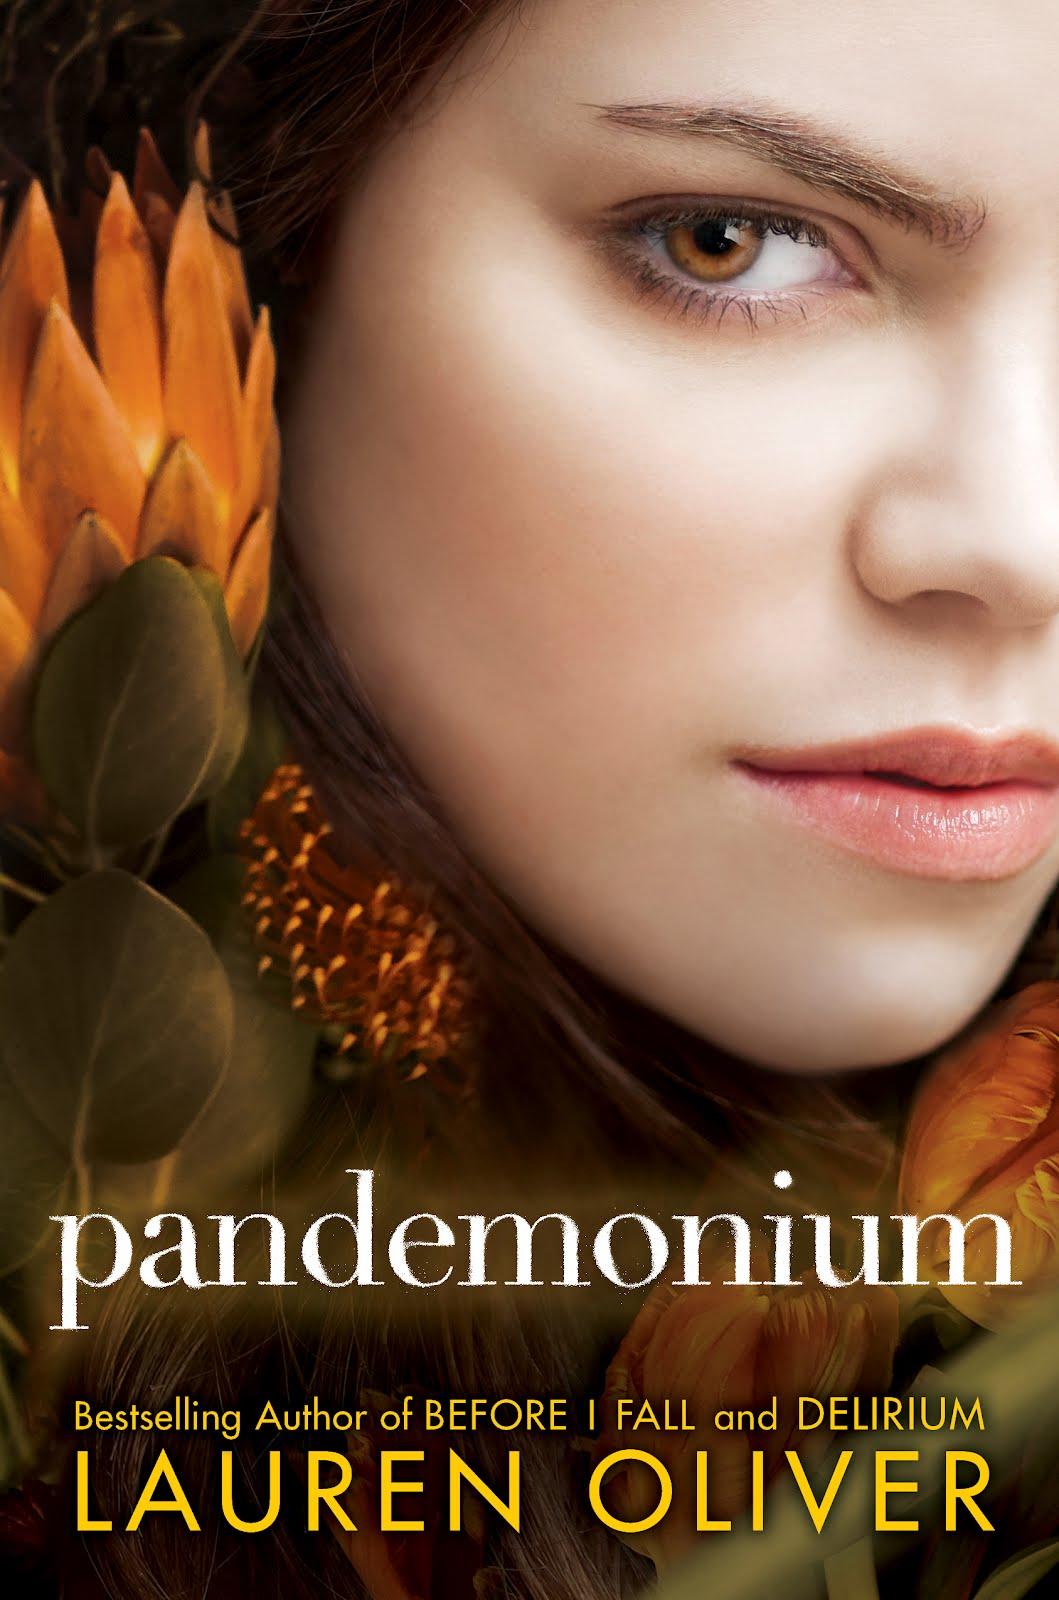 http://1.bp.blogspot.com/-fq2dGfUoMeo/T0zTBhak-8I/AAAAAAAAAvg/wlHjhVEOZgo/s1600/Pandemonium_front.jpg